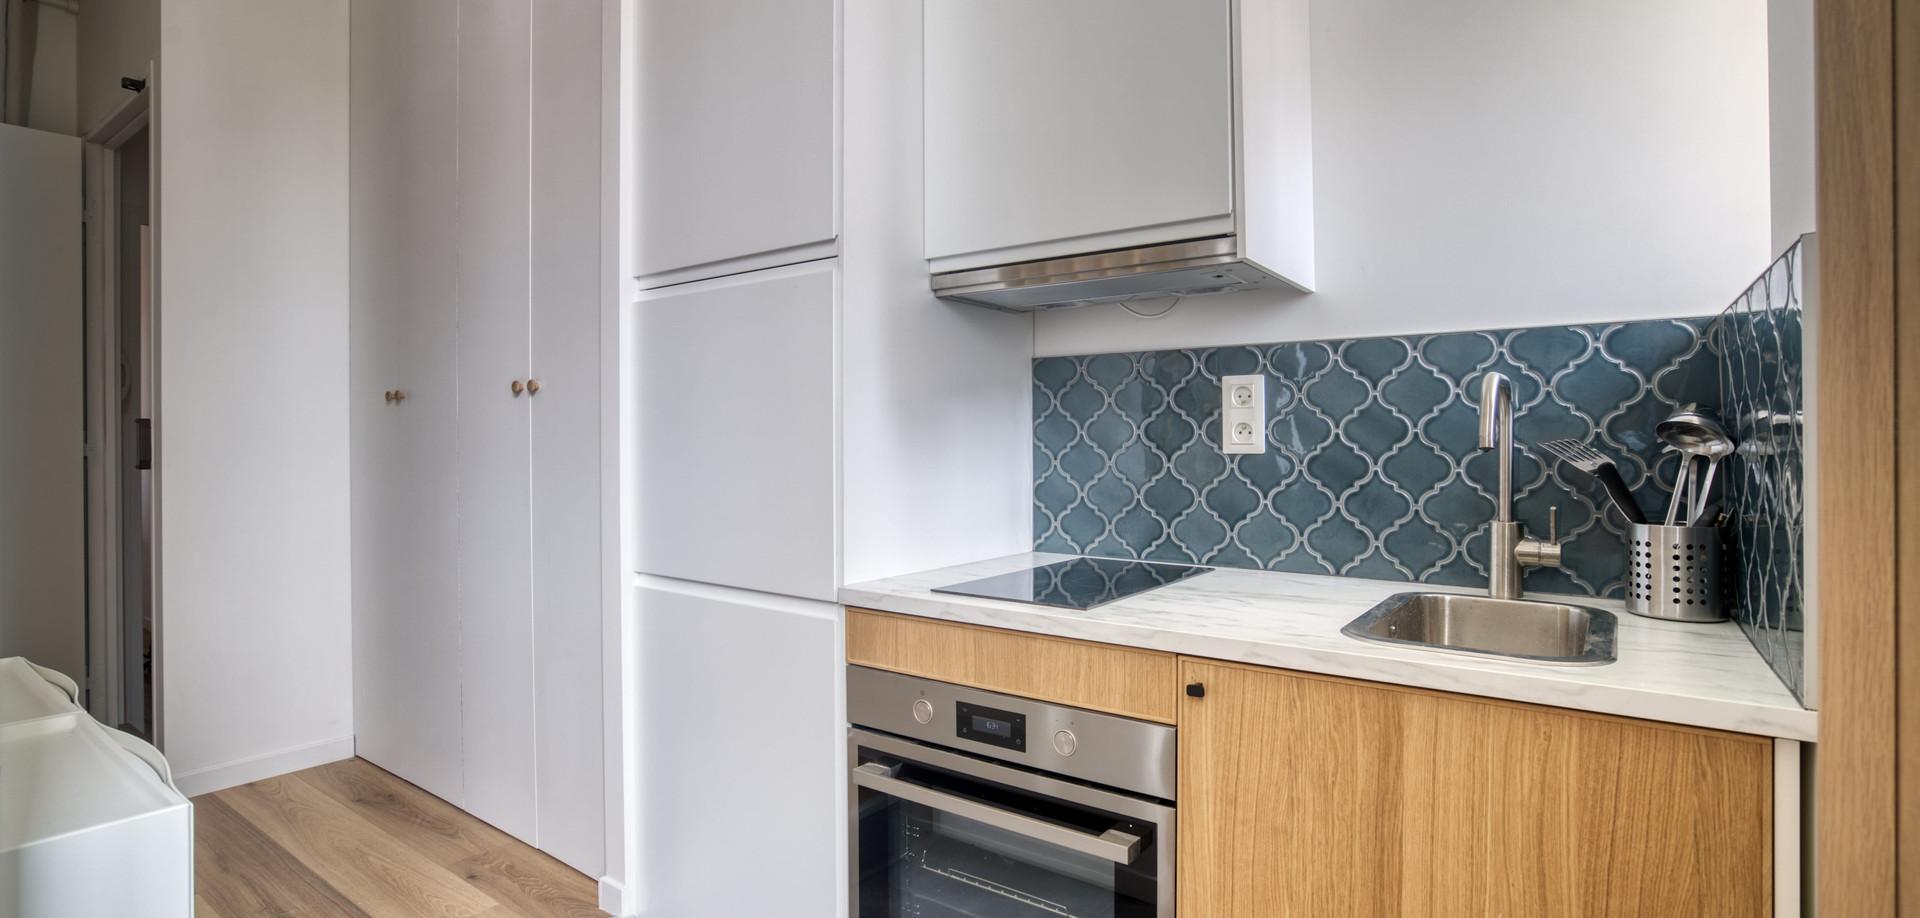 cuisine bleue amenagement tendance renovation appartement travaux-decoration lyon architecte intérieur studiolb lisa bronsztejn natural colors